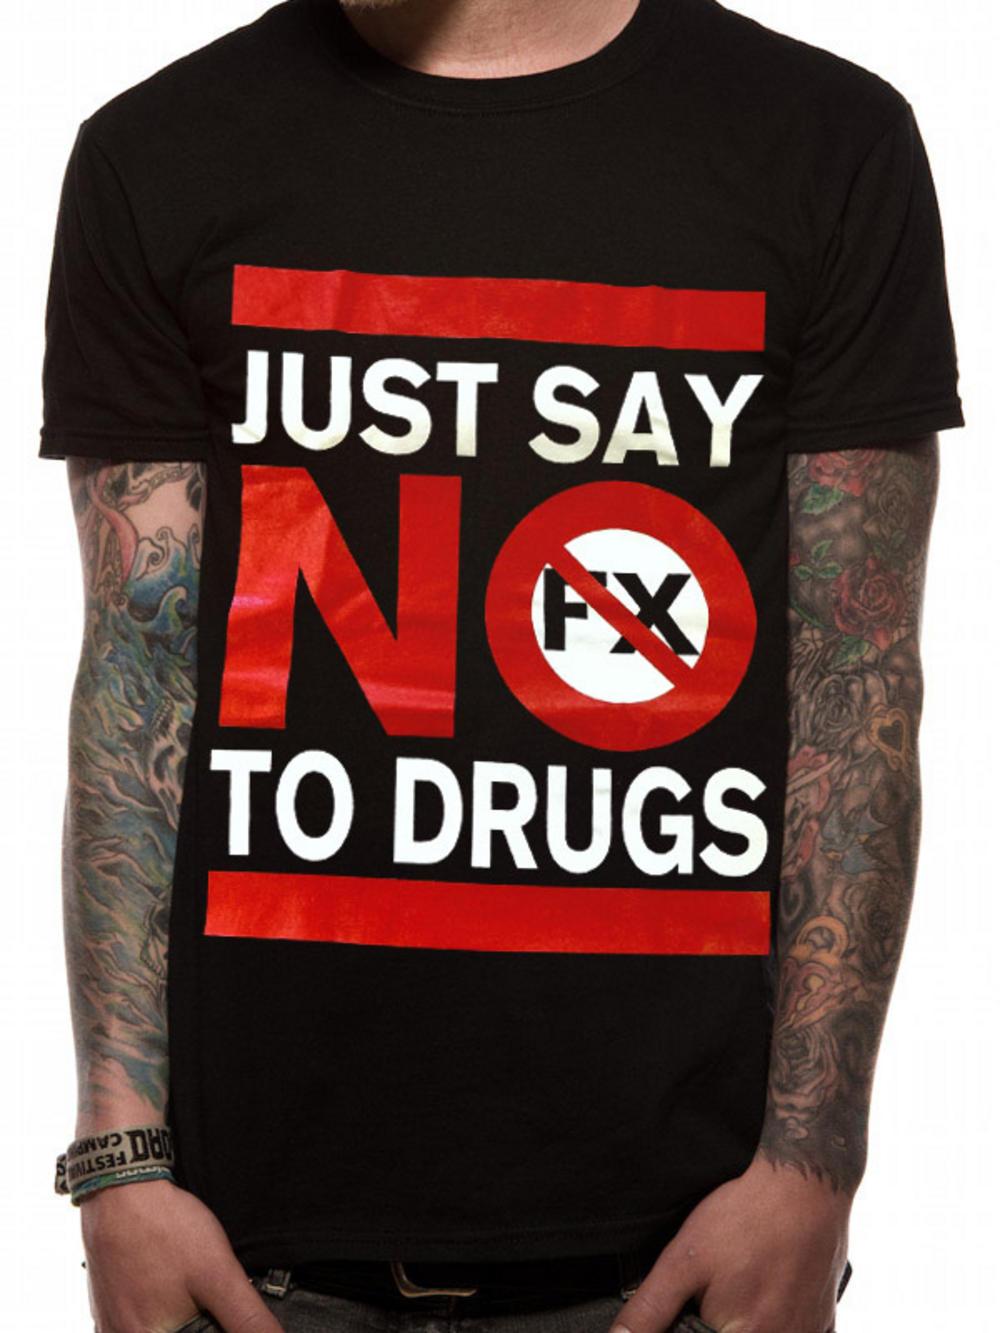 NOFX (Just Say No) T-Shirt